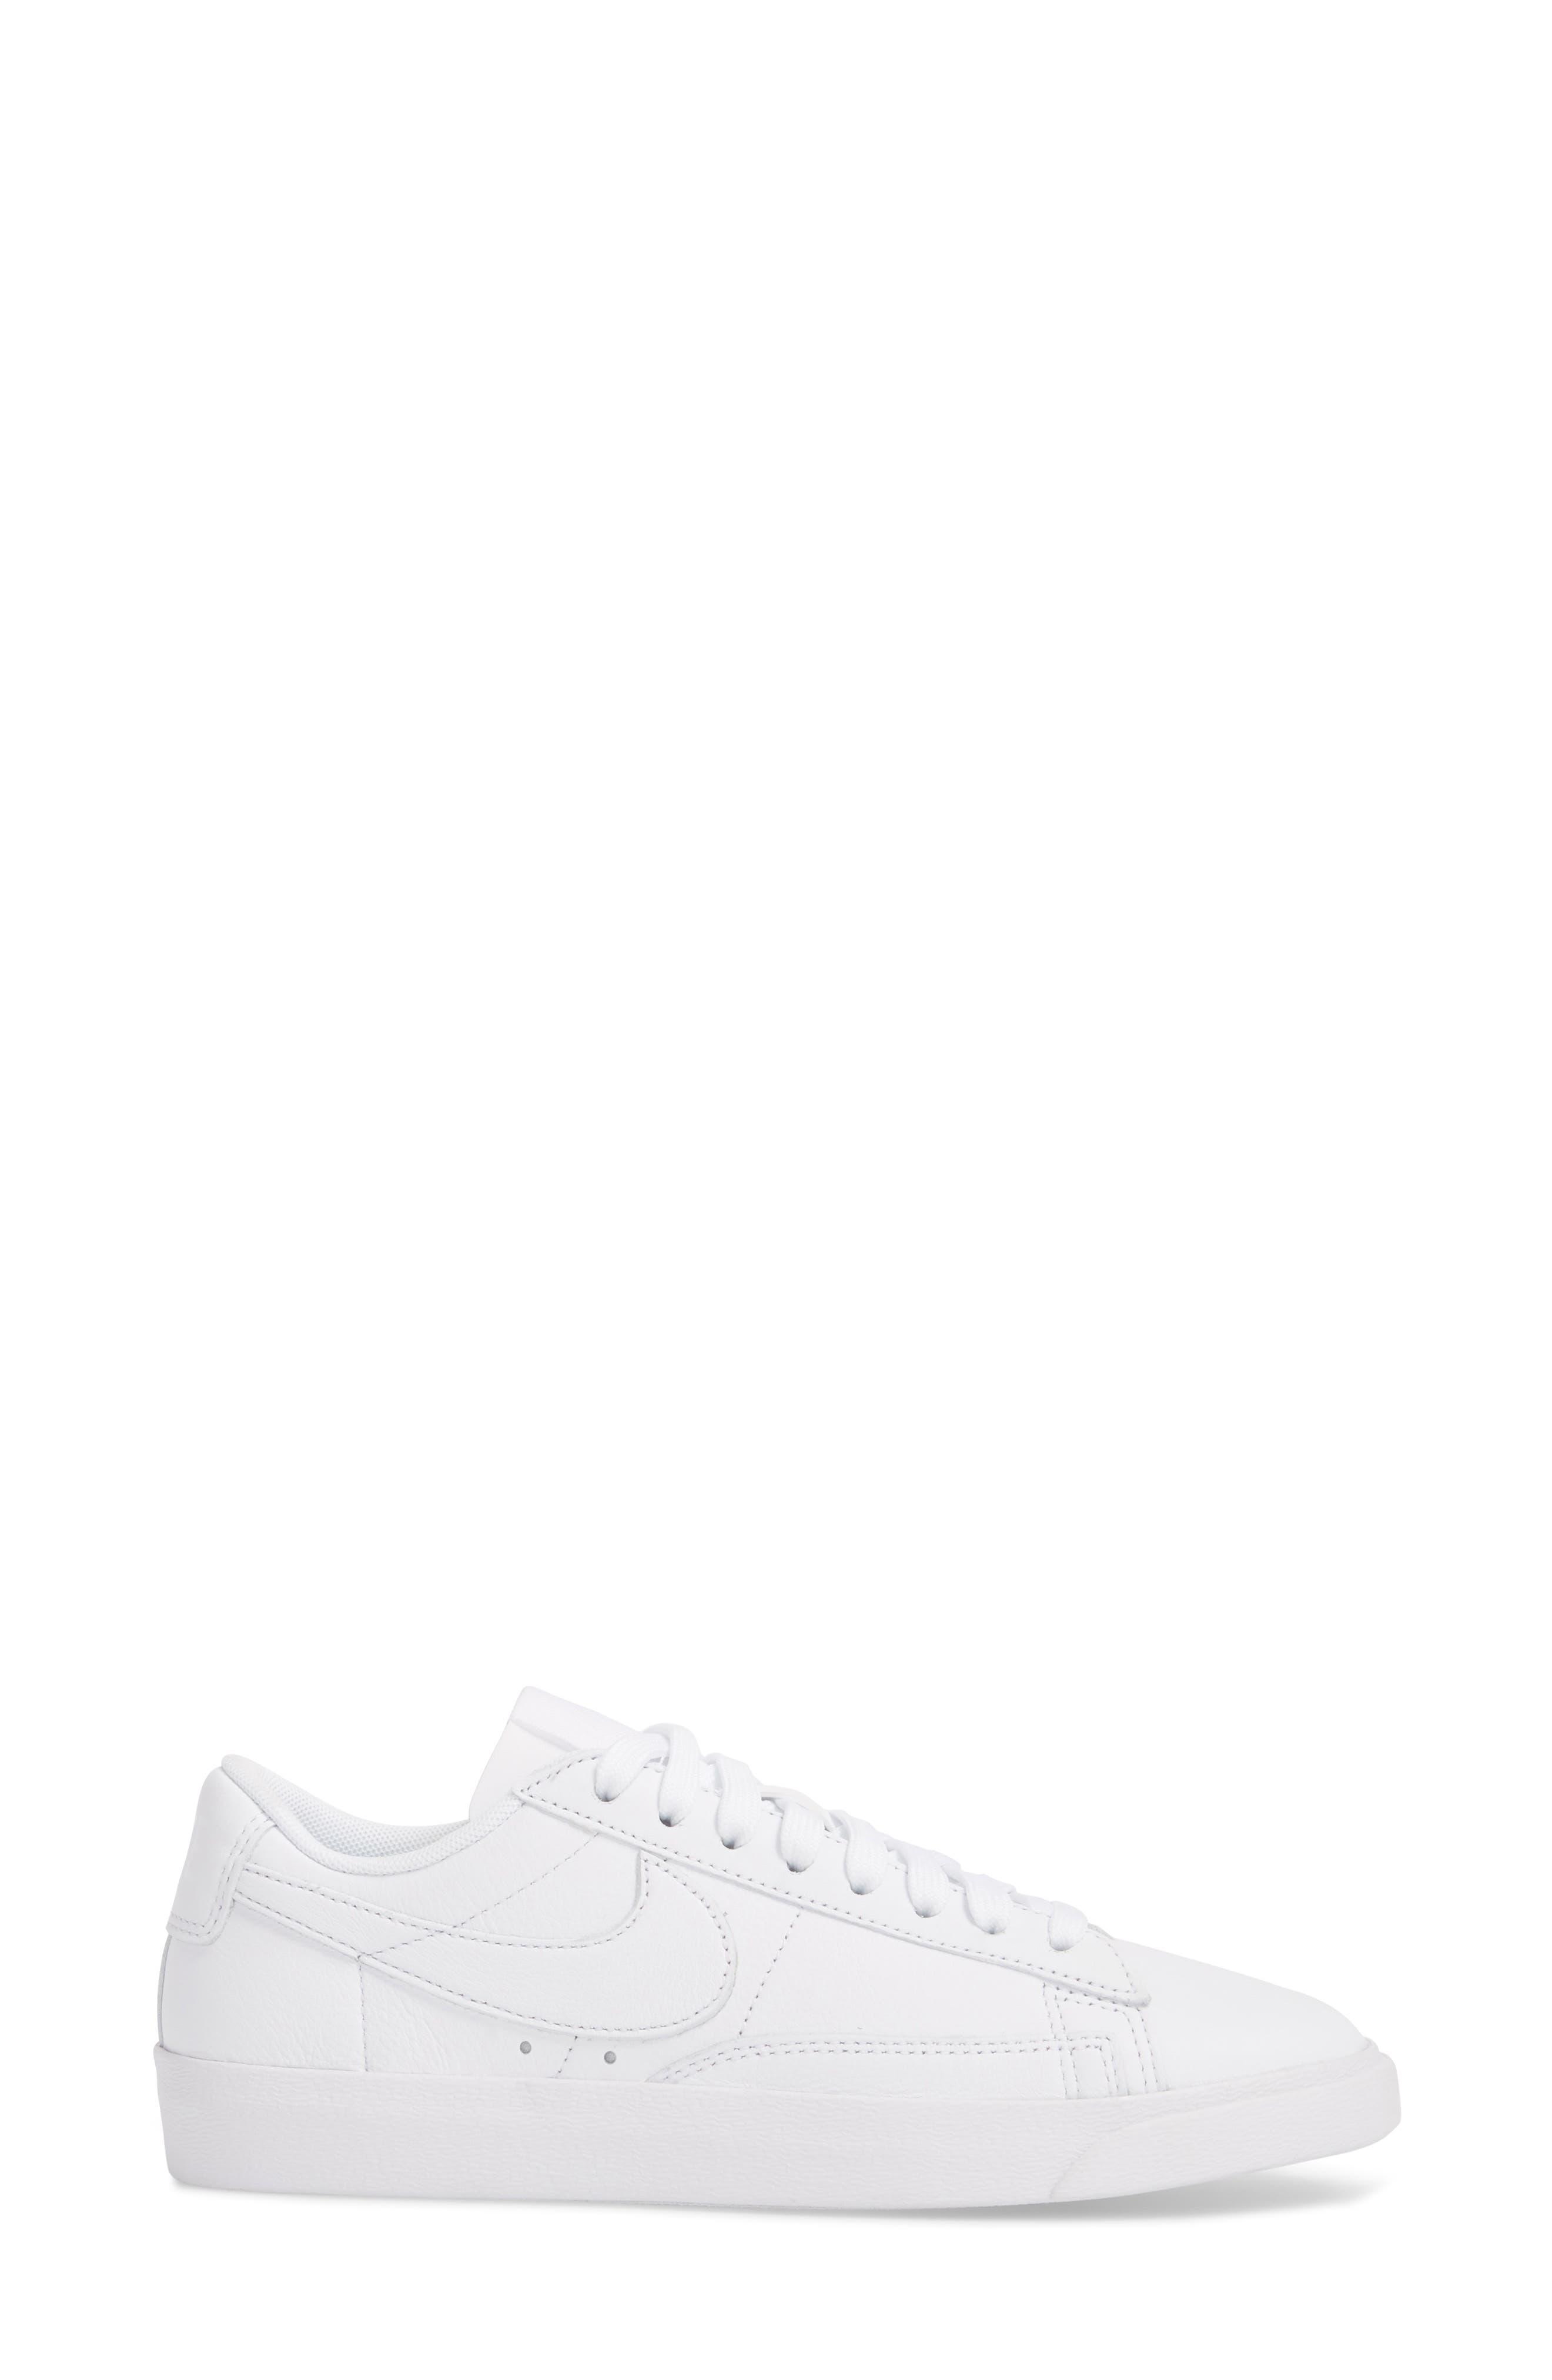 Blazer Low LE Sneaker,                             Alternate thumbnail 3, color,                             WHITE/ WHITE-WHITE